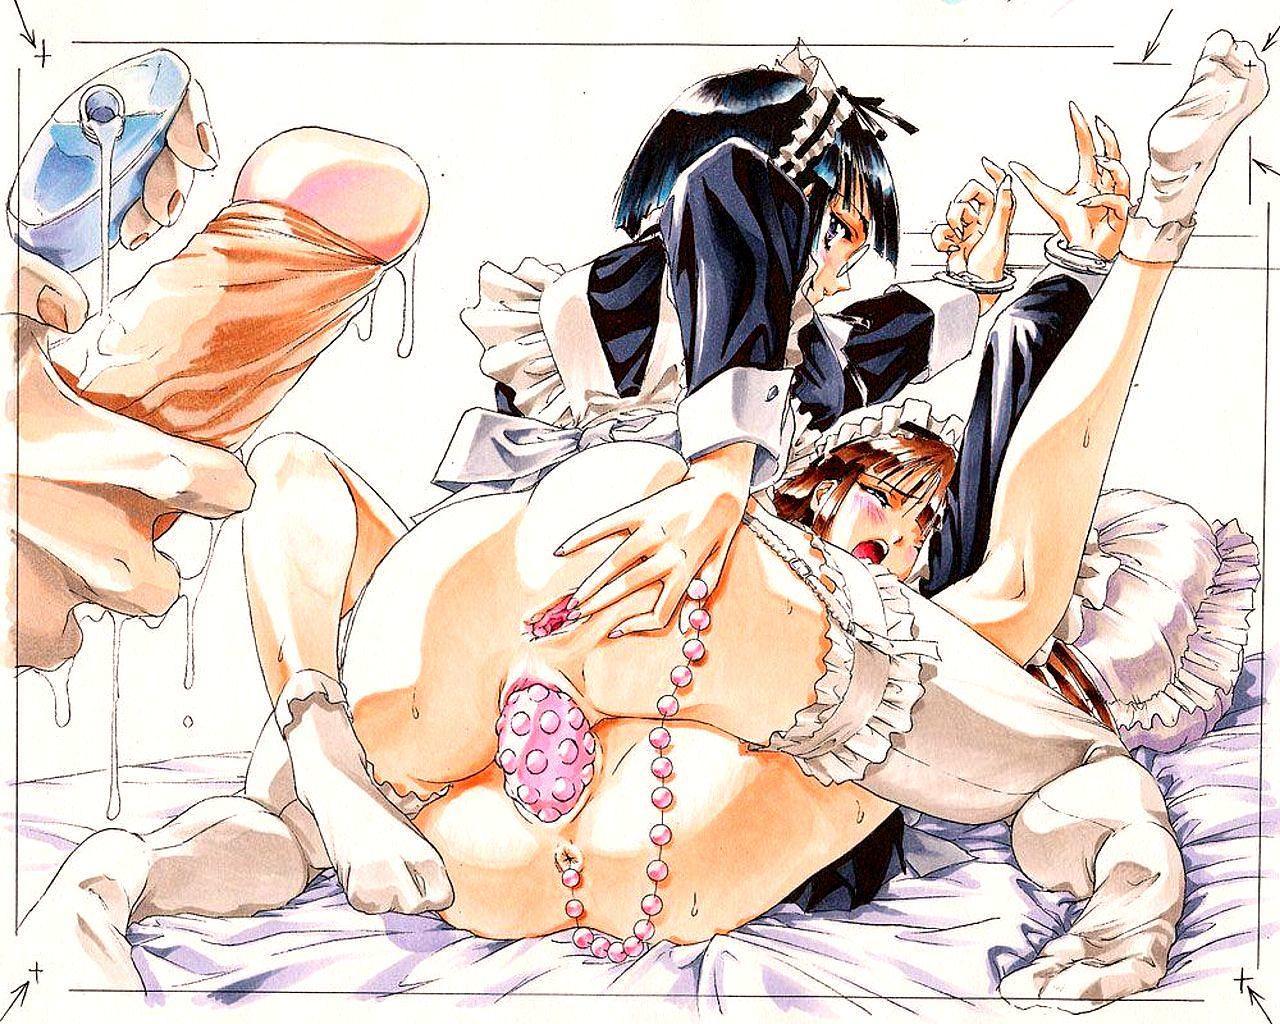 Хентай, аниме секс, hentai, развратные служанки лезбиянки трахаются